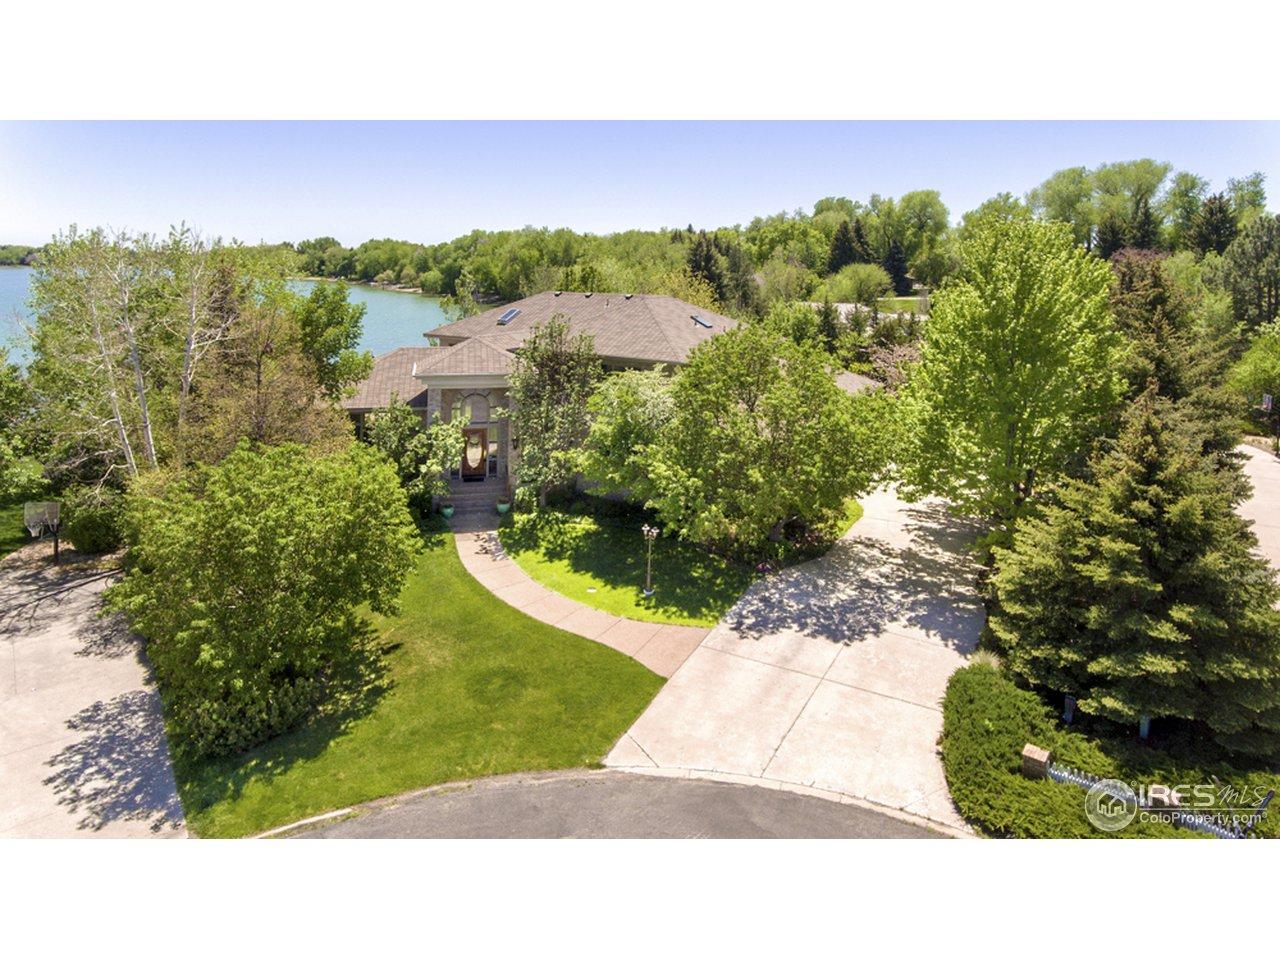 1704 Linden Way, Fort Collins CO 80524